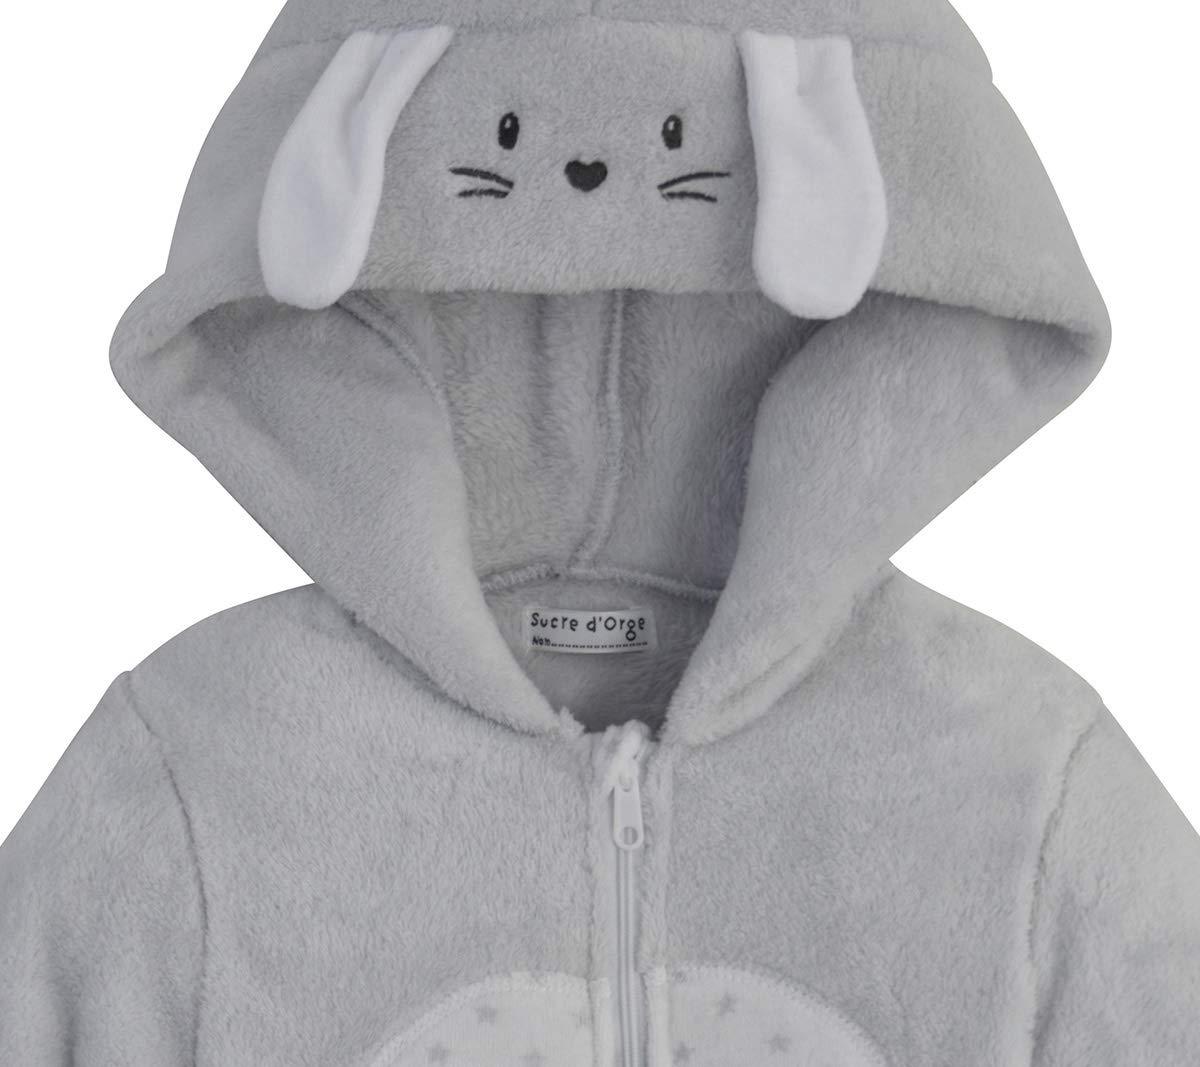 6b7552dfe9be4 Sucre D Orge - sleepwear - Mixte - 1 - surpyjama lapin - Taille 6 Mois -  Couleur Gris  Amazon.fr  Bébés   Puériculture